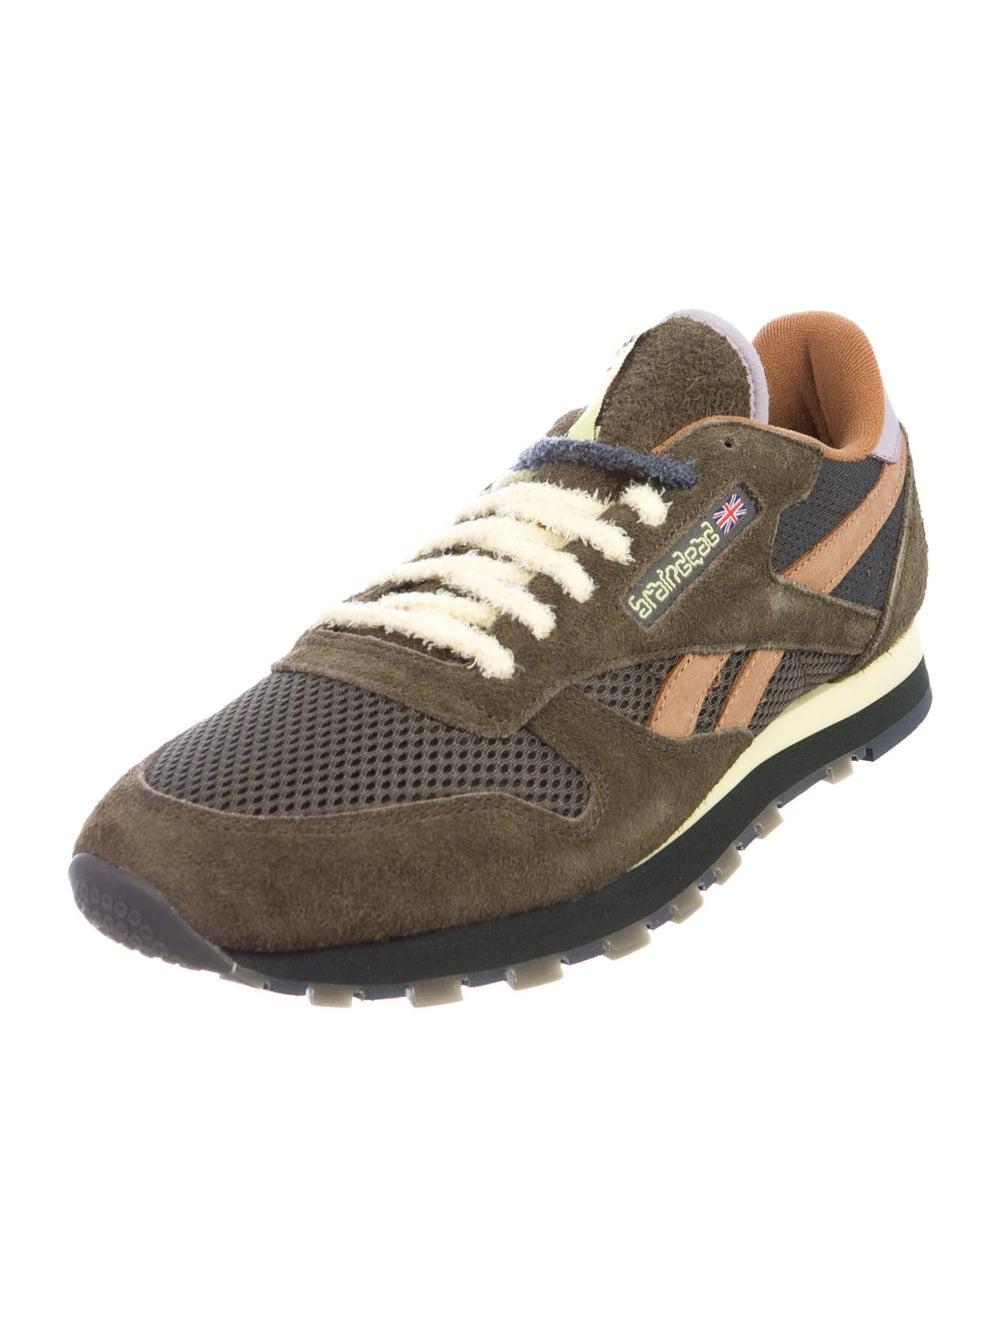 Reebok Suede Sneakers Green - image 2